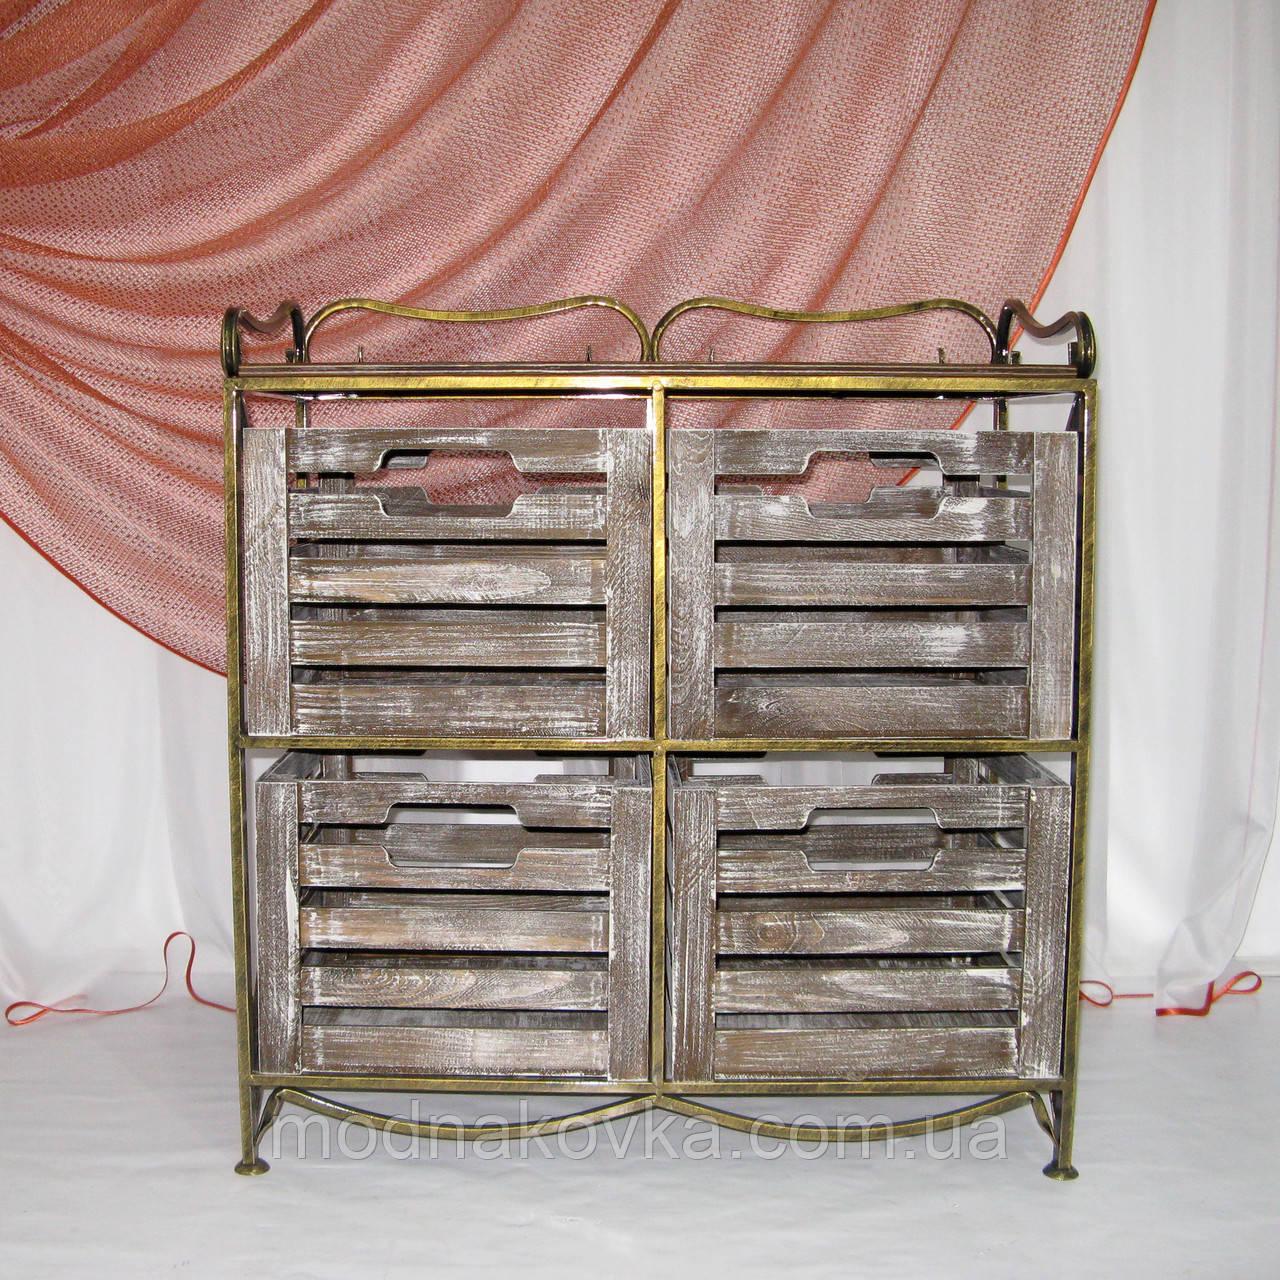 Тумба этажерка на 4 ящика І Полка металлическая I Комод кованый